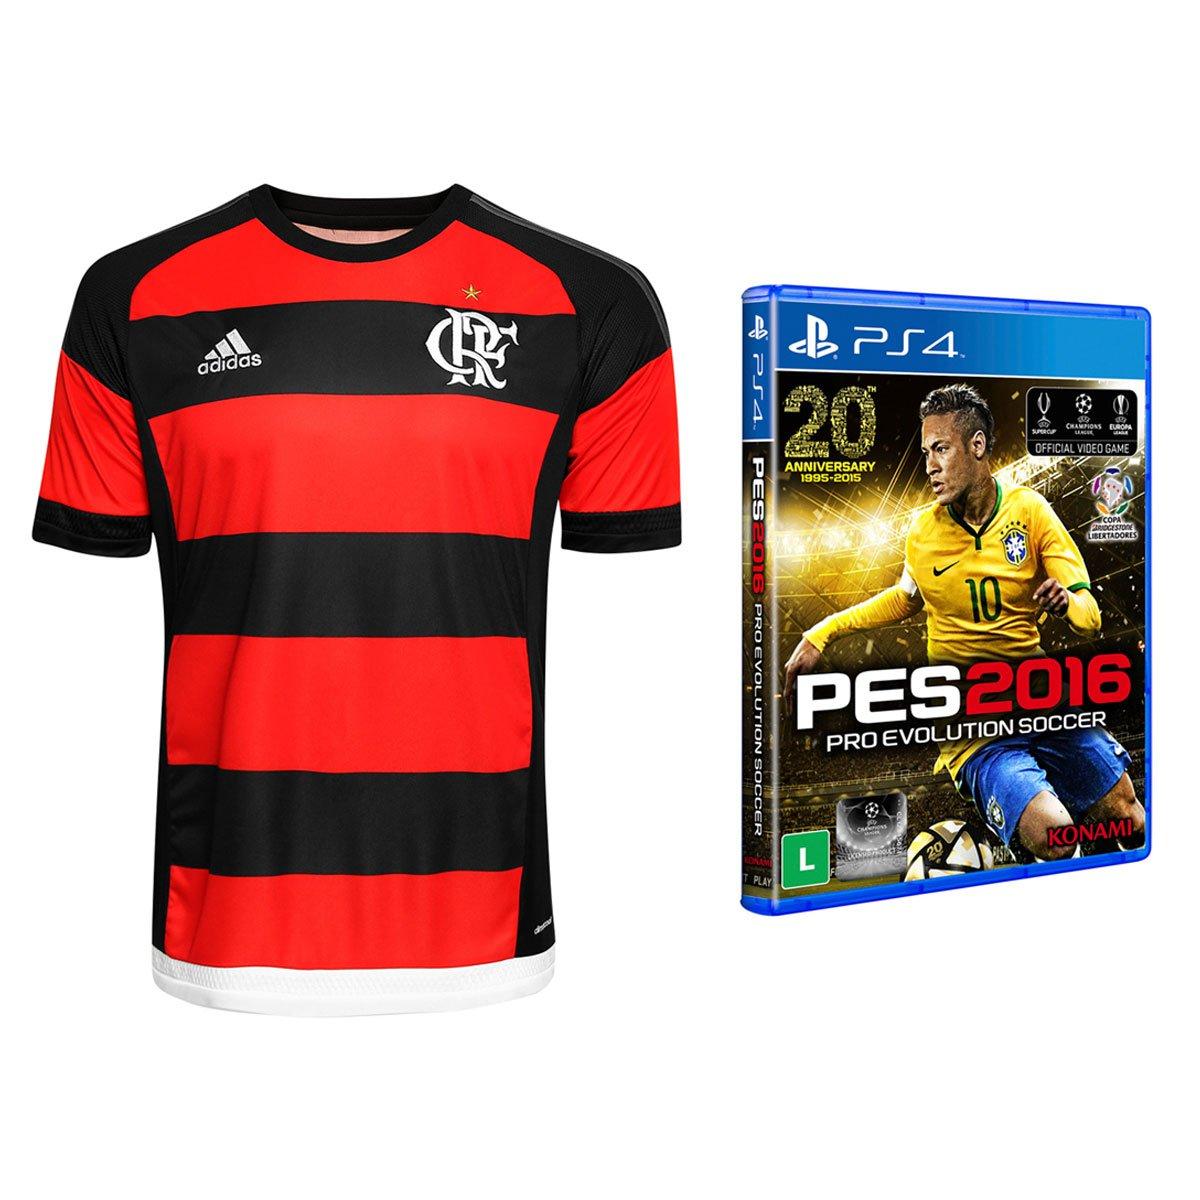 Camisa Adidas Flamengo I 2015 s nº + Jogo Pro Evolution Soccer 2016 PS4 -  Compre Agora  81a46968c16f9